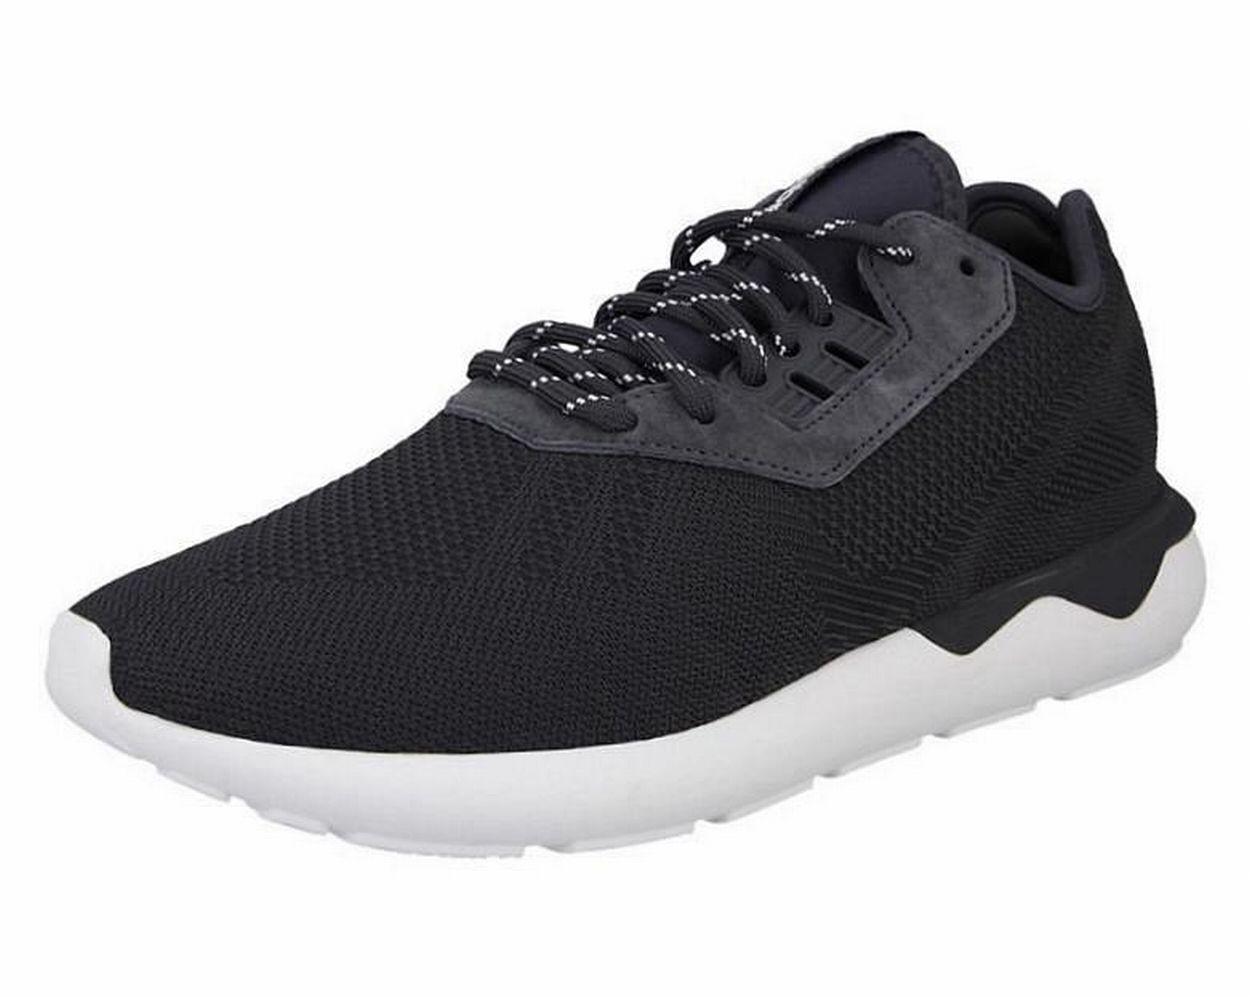 Adidas Originals hombres tejido tubular de carbono corredor precio formadores de precio corredor de temporada corta, beneficios de descuentos afe40d